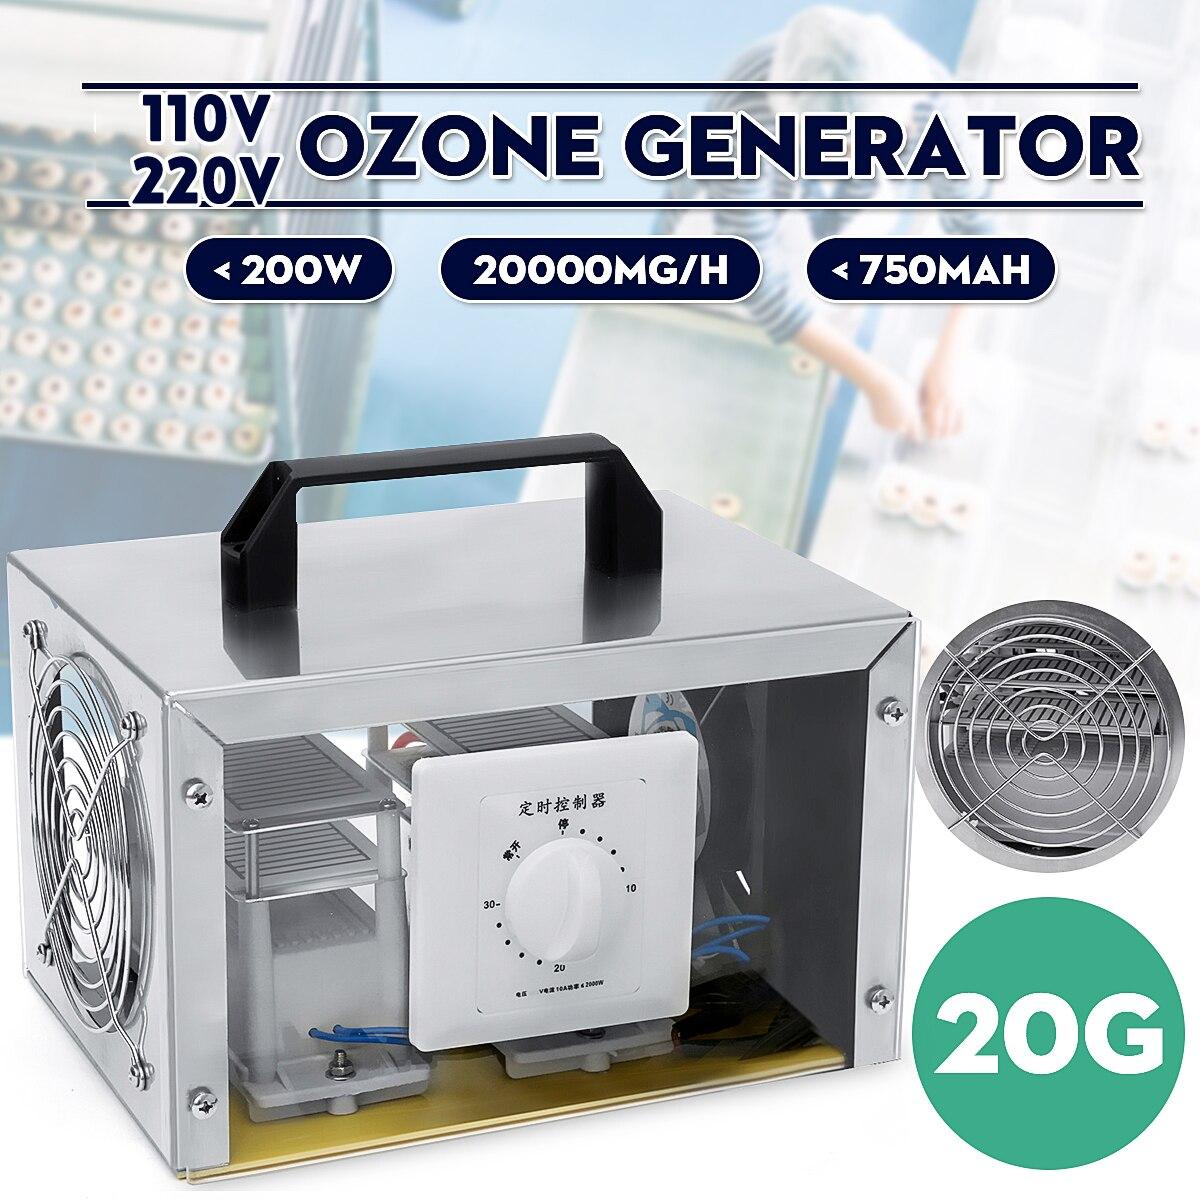 110V/220V 20000mg generador de ozono máquina de desinfección purificador de aire limpiador de desinfección esterilización limpieza formaldehído Eruntop 8586D + soldadores eléctricos de doble pantalla Digital + pistola de aire caliente mejor estación de reparación SMD mejorada 8586 8786 8786D